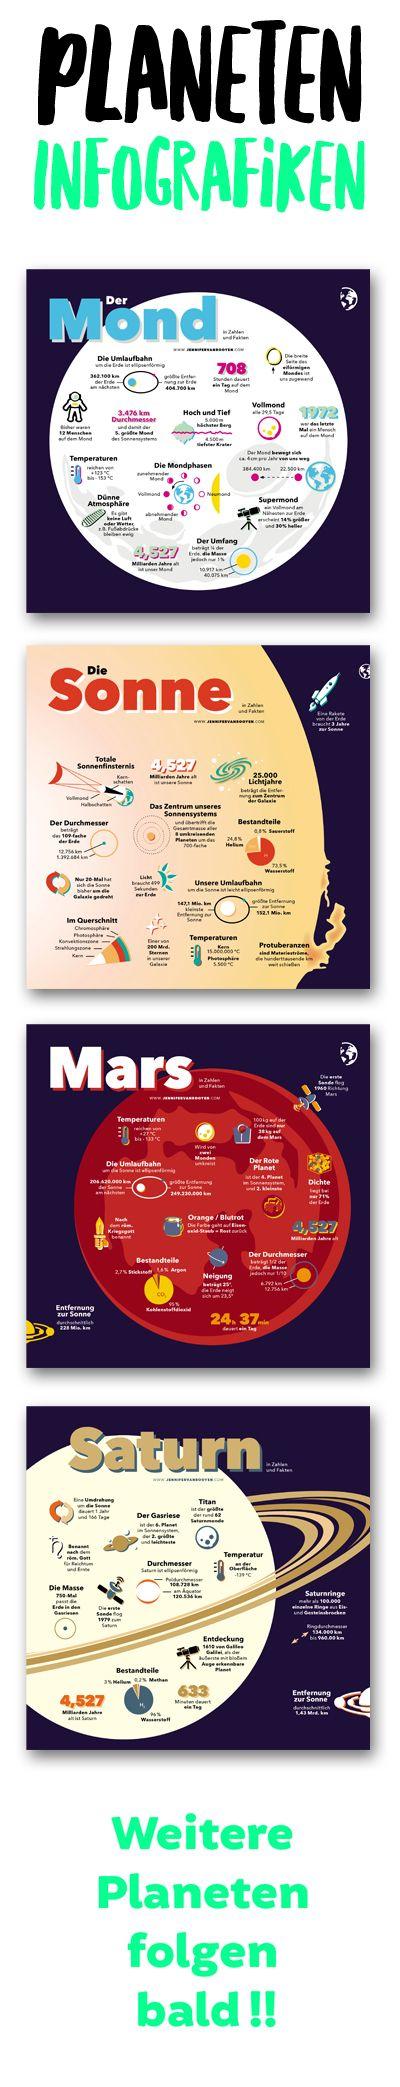 Ein kleines Poster für jeden Planeten (und Mond) in unserem Sonnensystem ;)